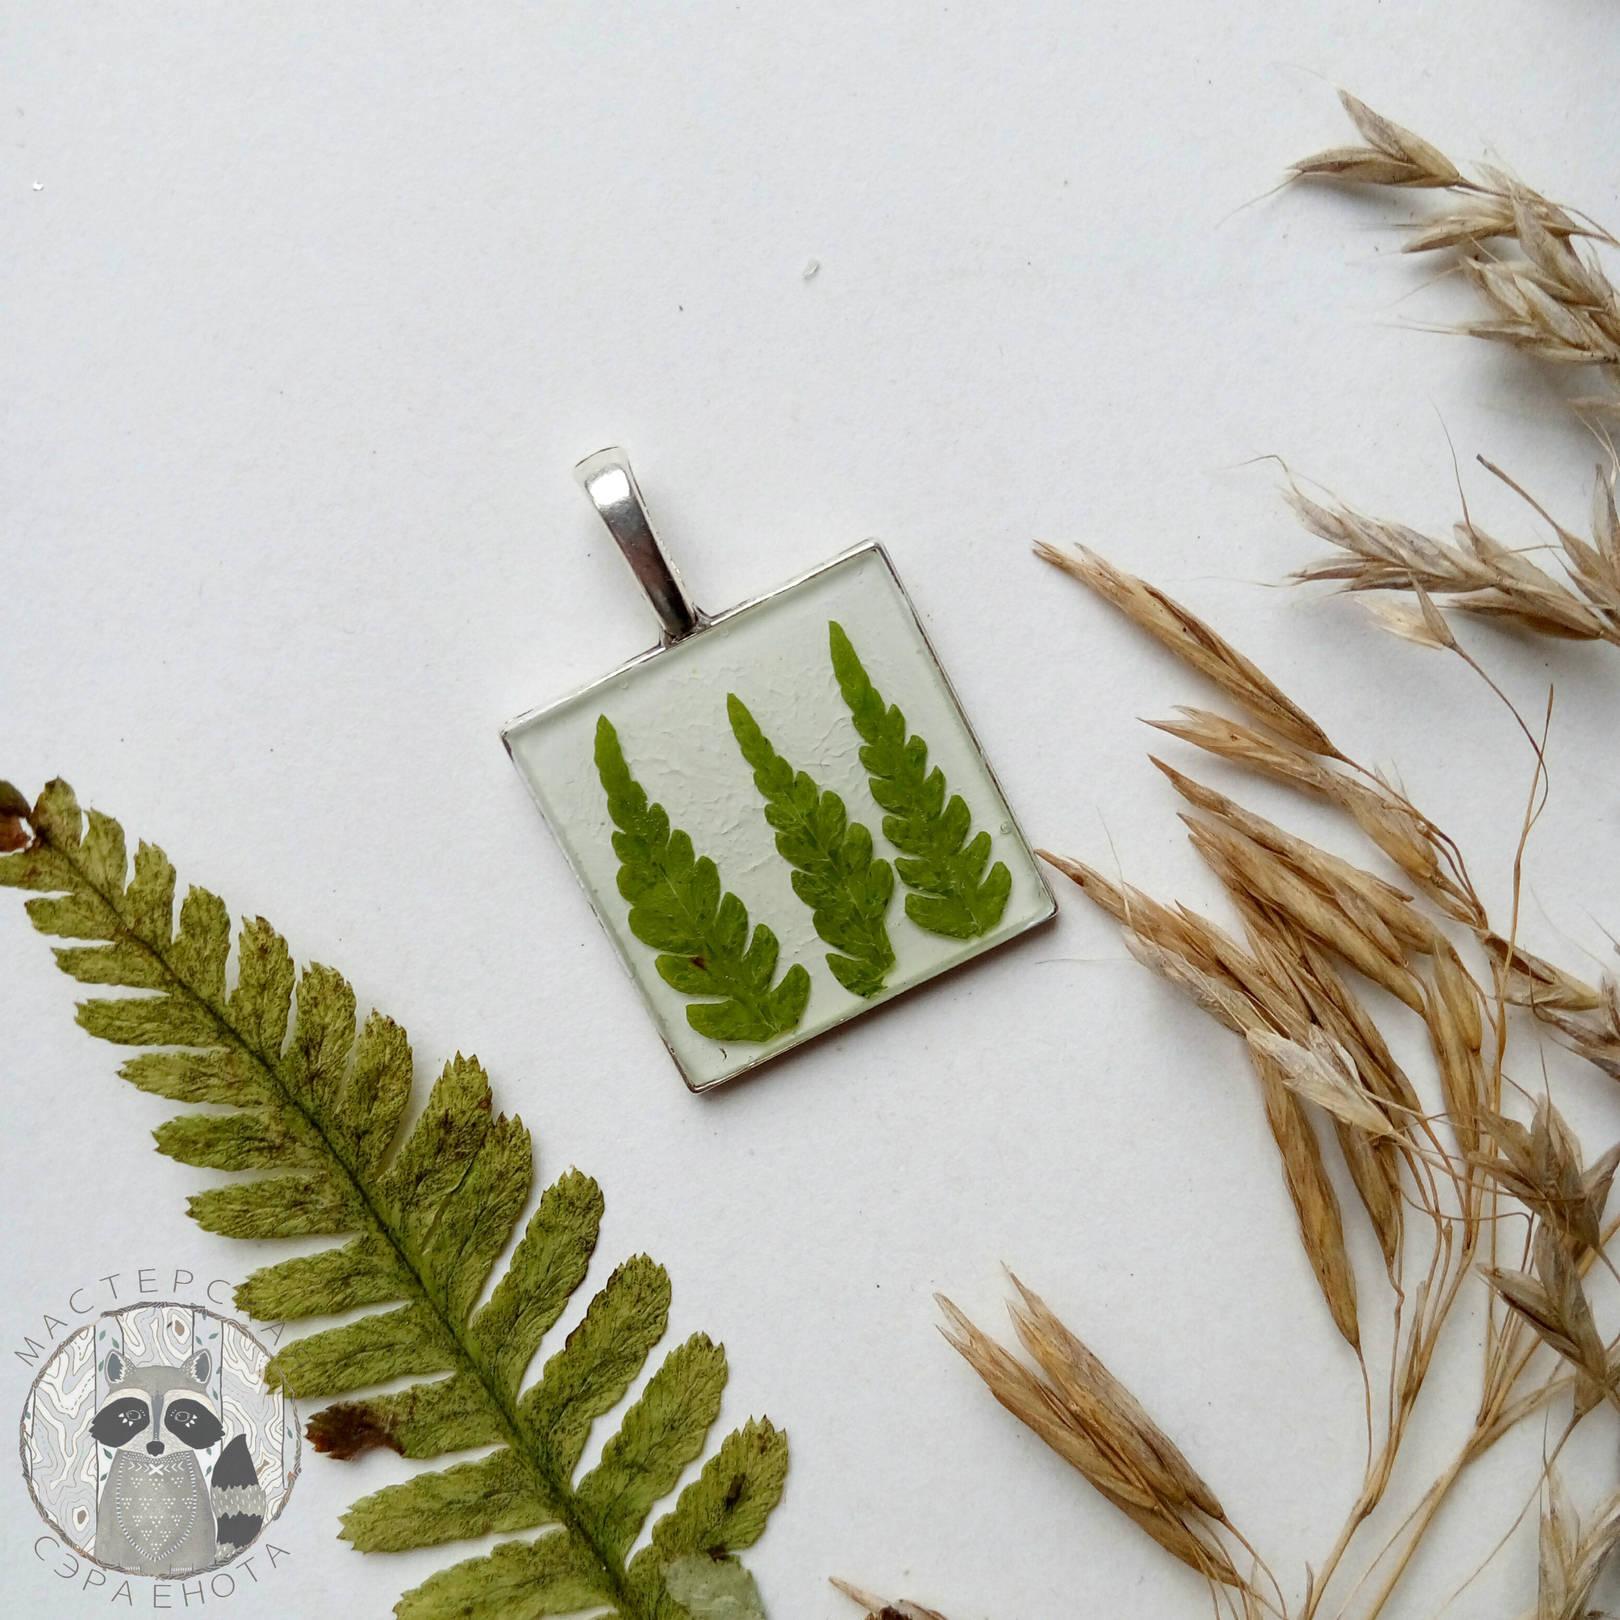 Кулон с папоротником Материалы: эпоксидная смола, сухоцветы, фурнитура цвета серебра. Размер 25 мм